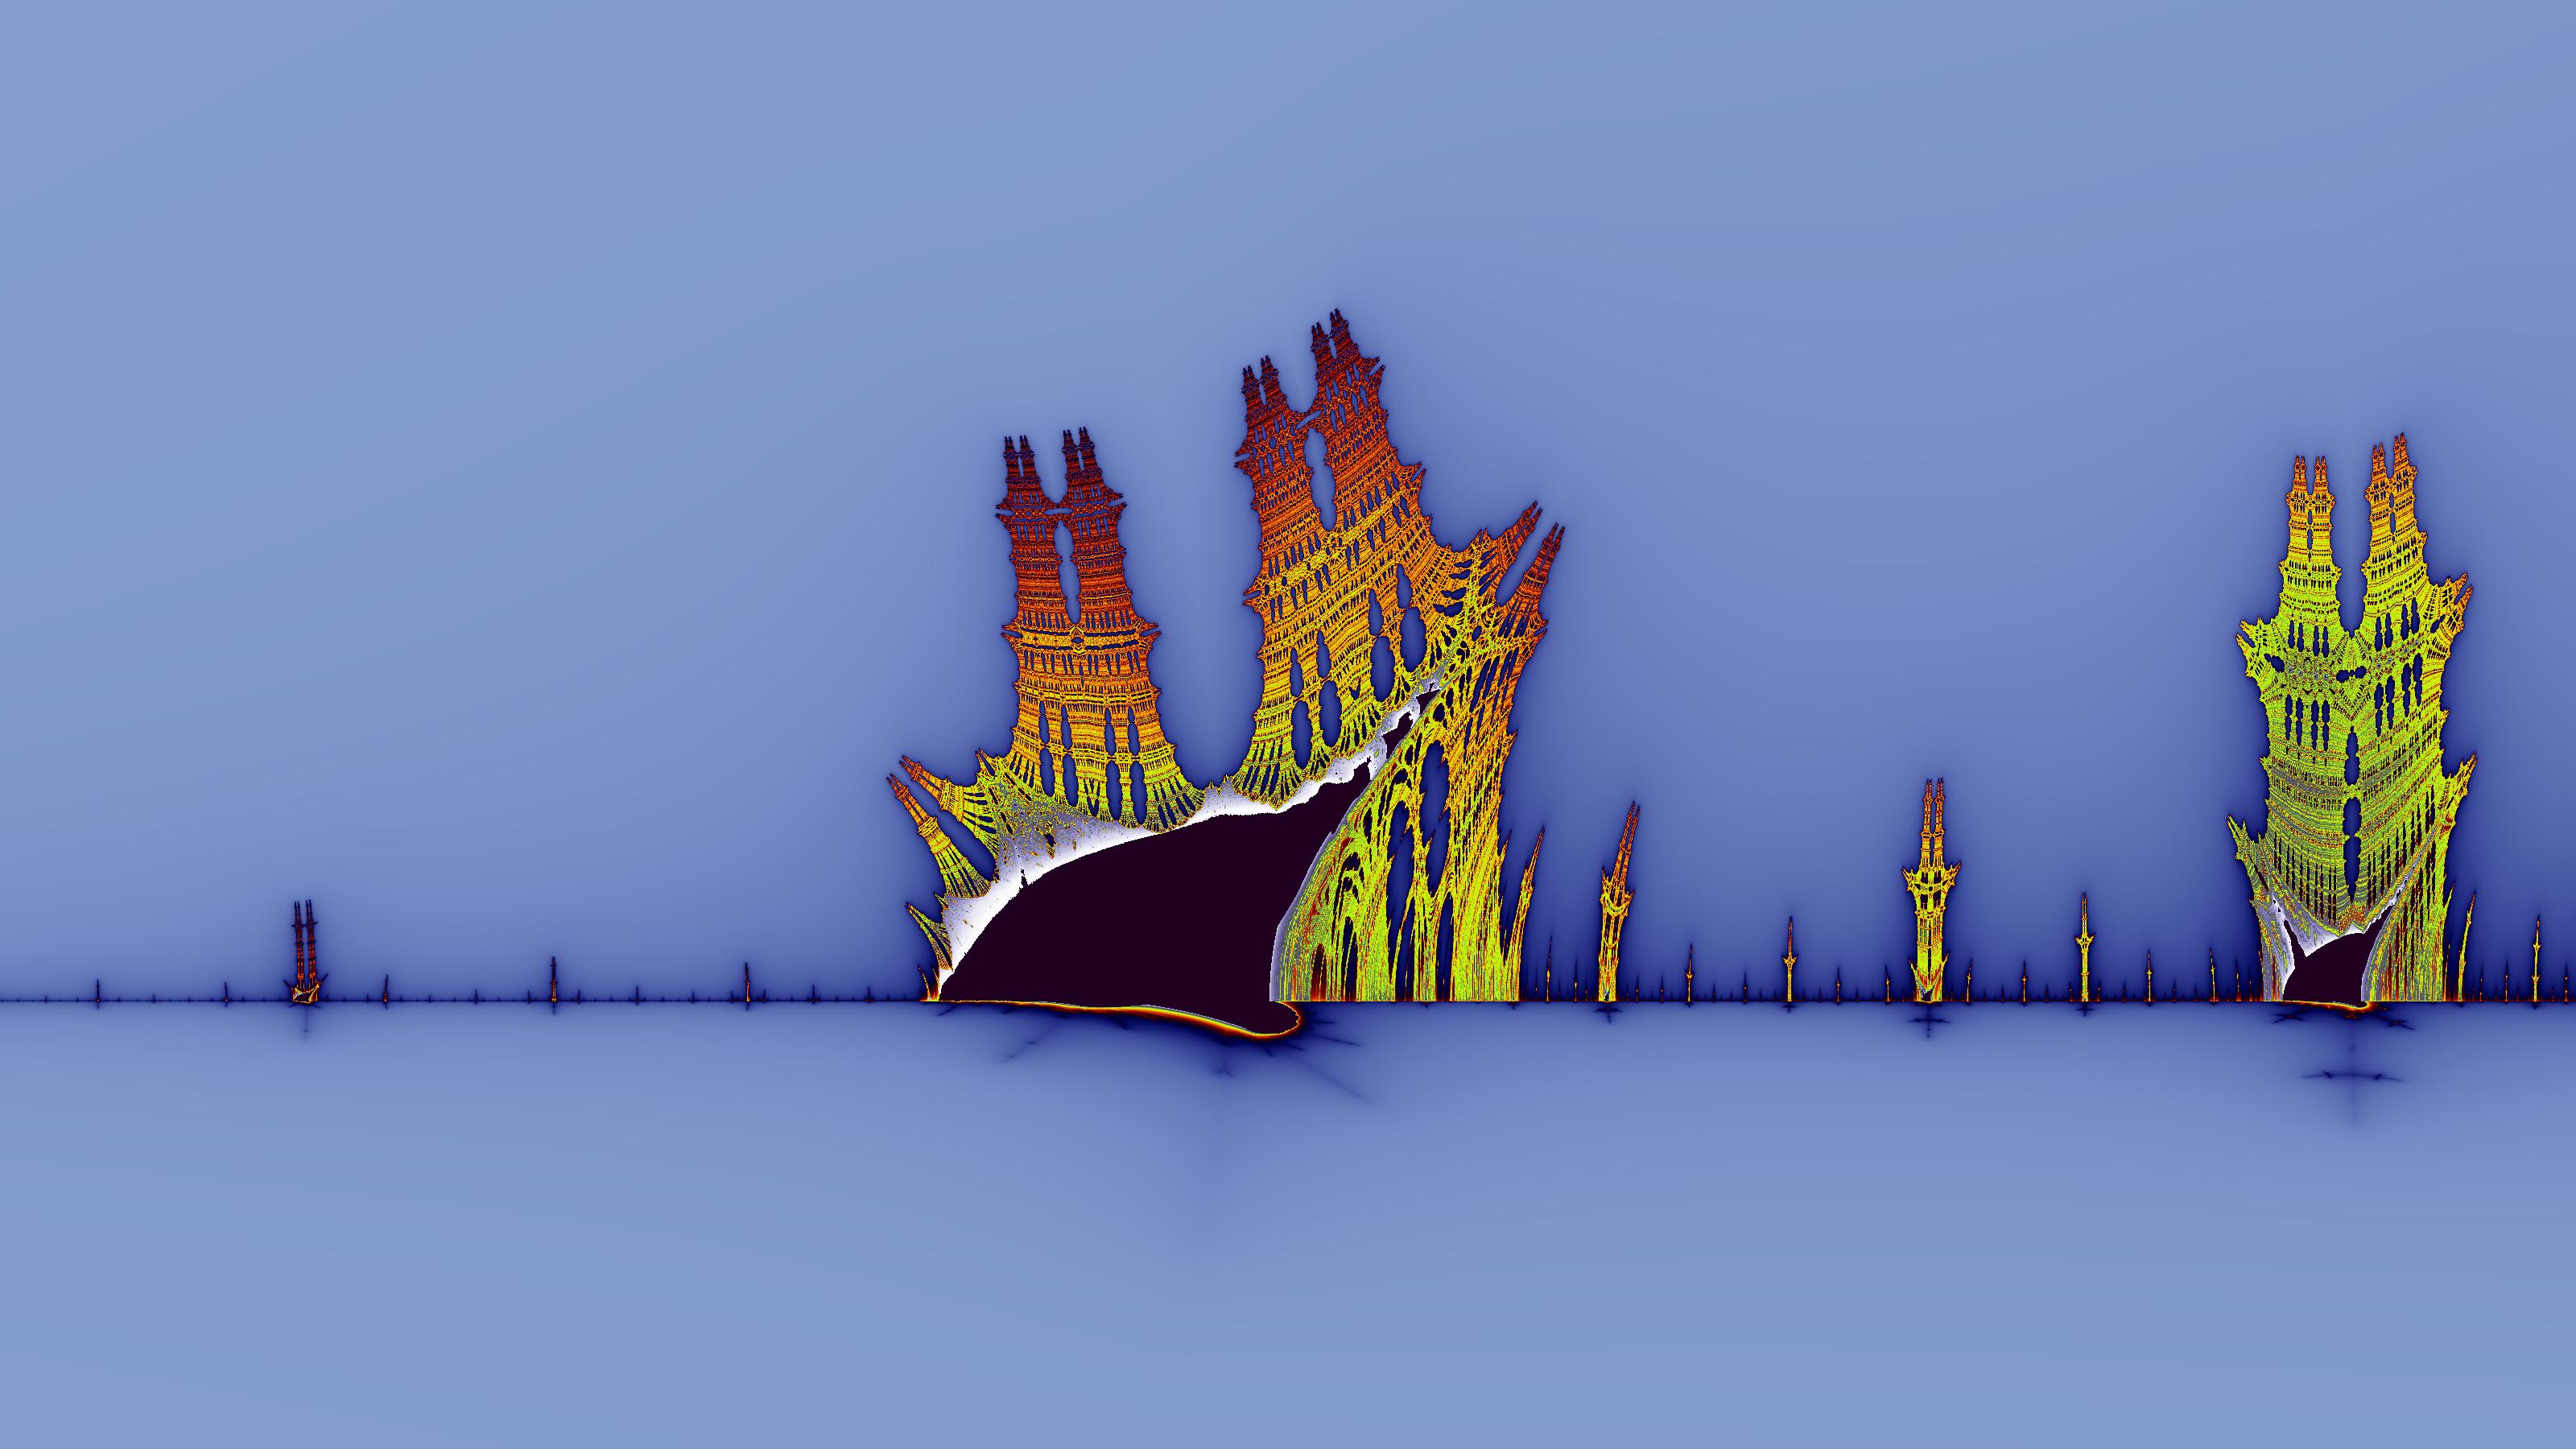 Burning Ship screenshot for Wikipedia